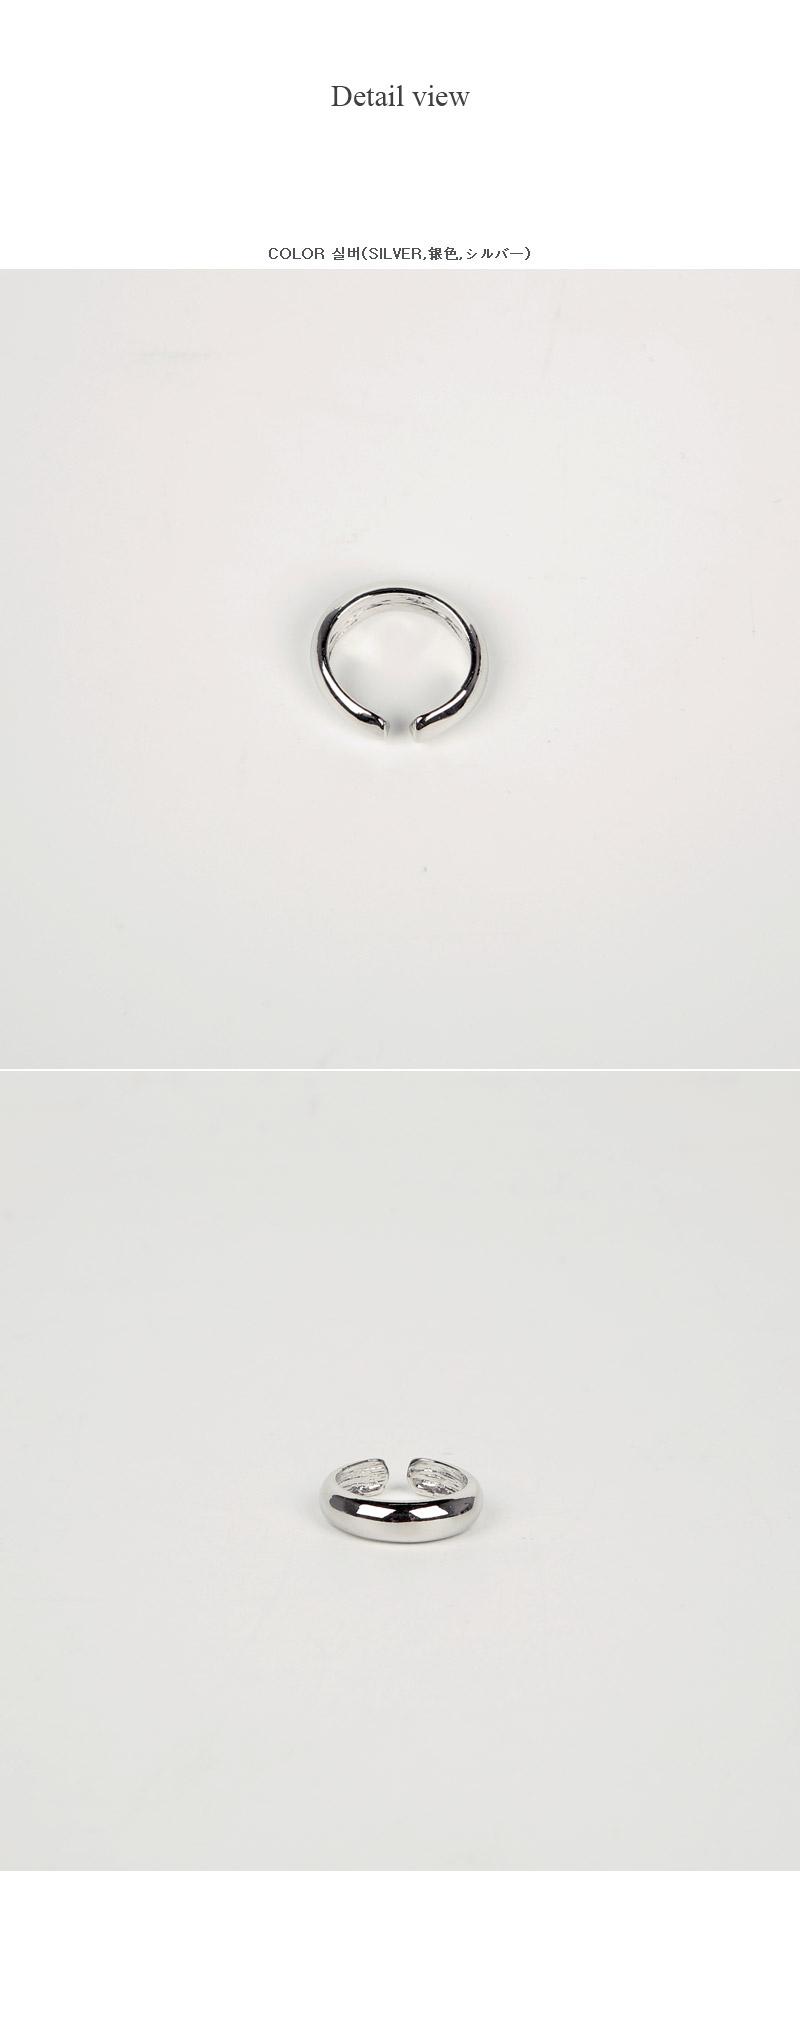 Boltner ring